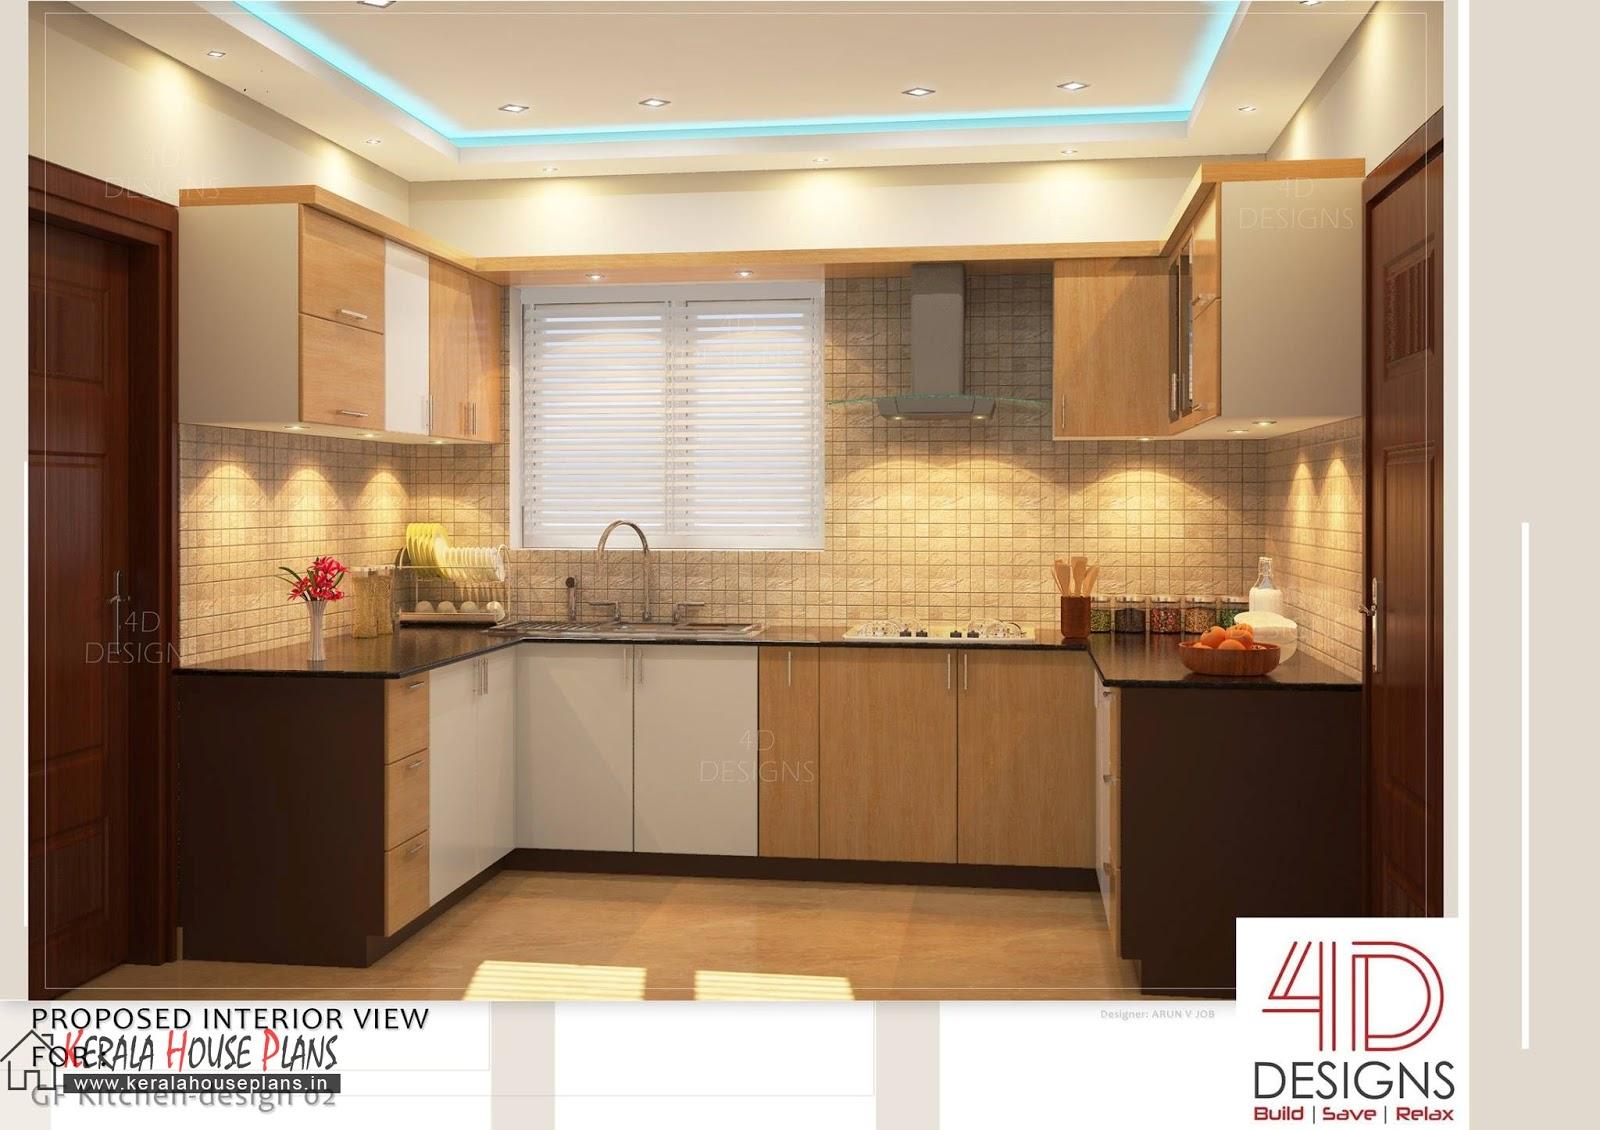 Budget Home Design with Interior Photos | Kerala House ...